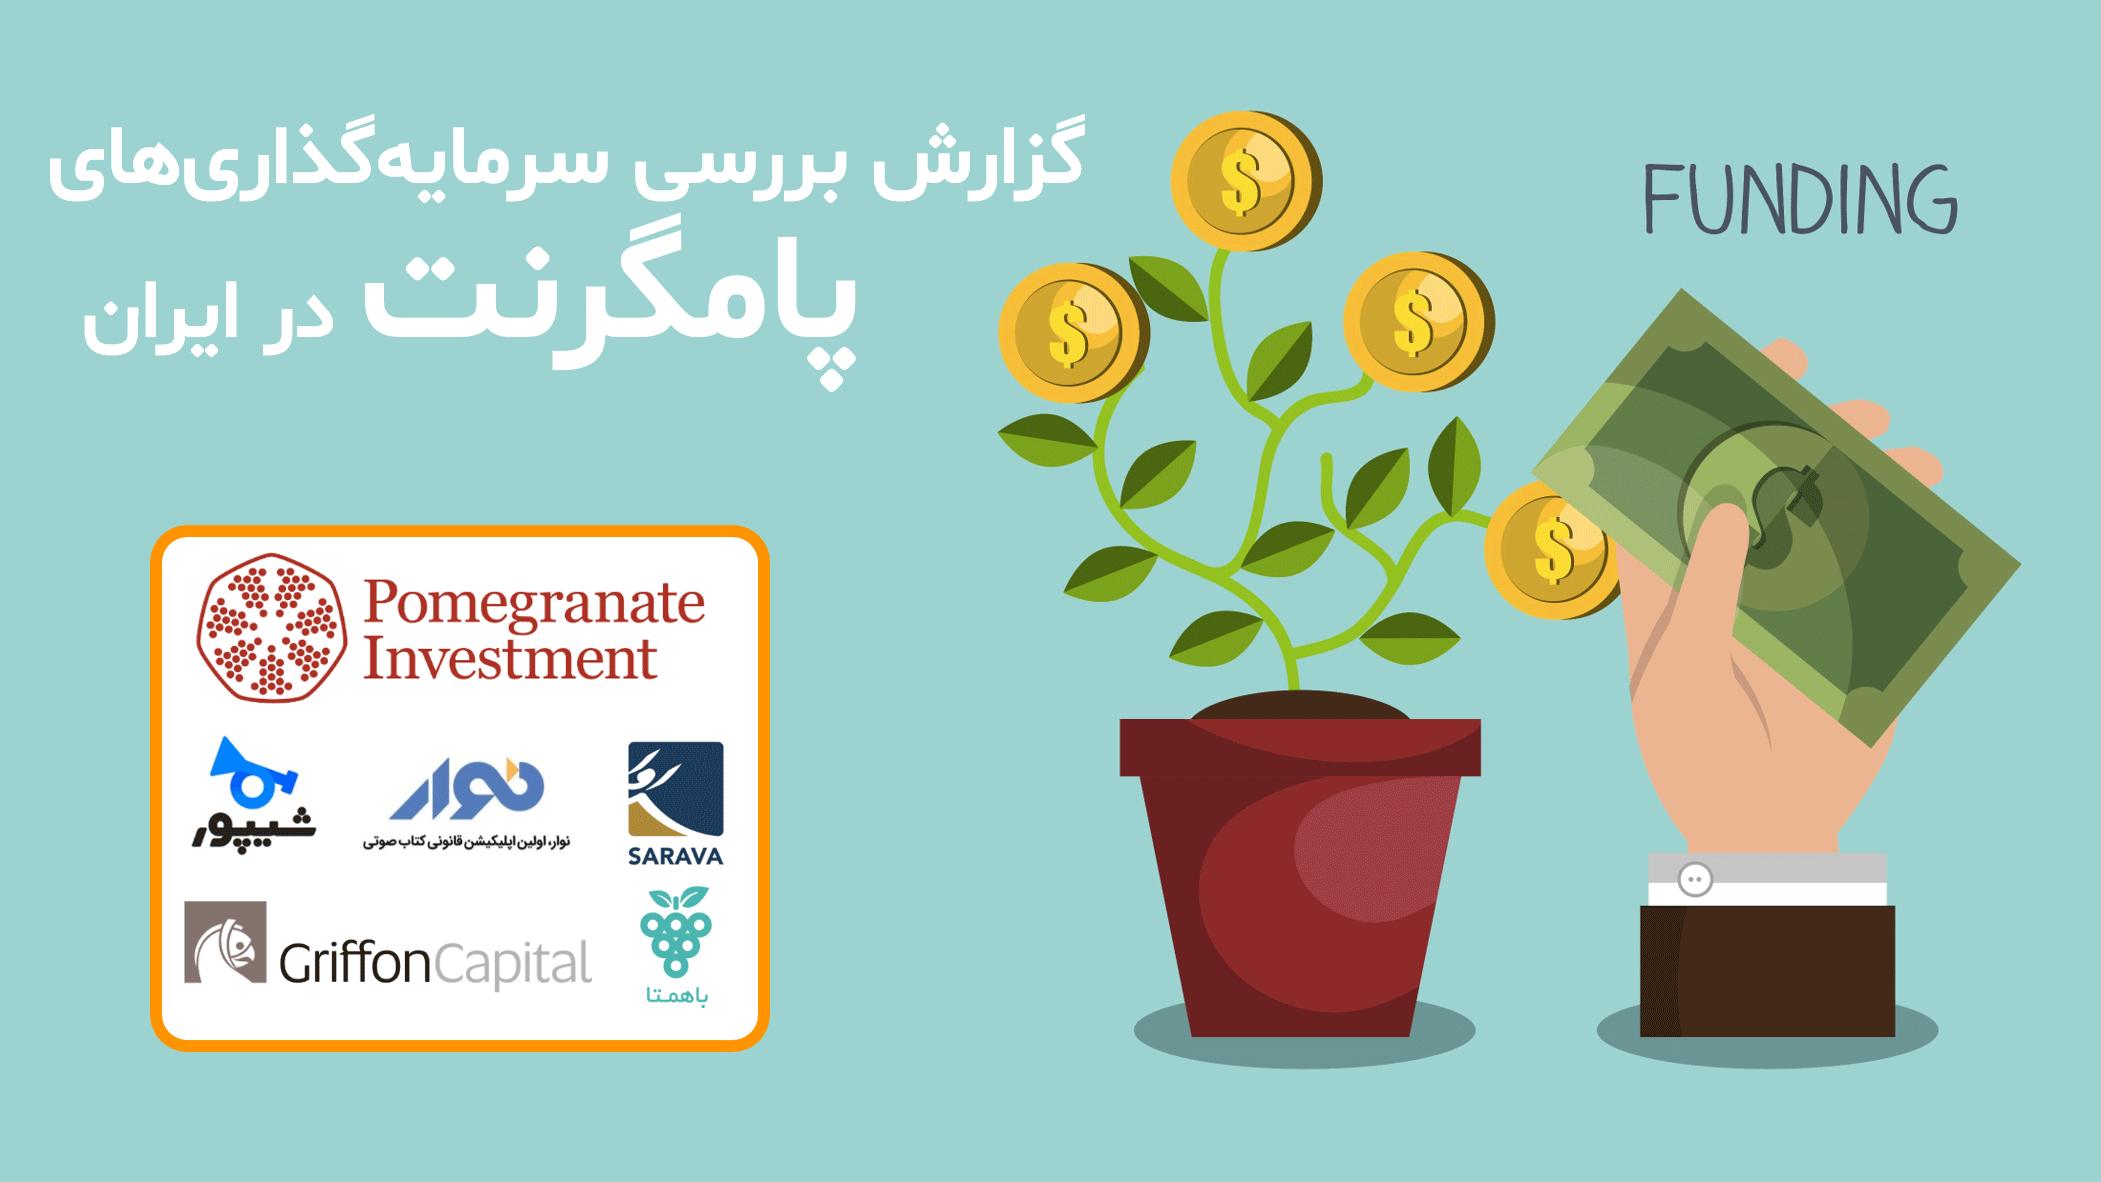 ارزشگذاری استارتاپ های ایرانی